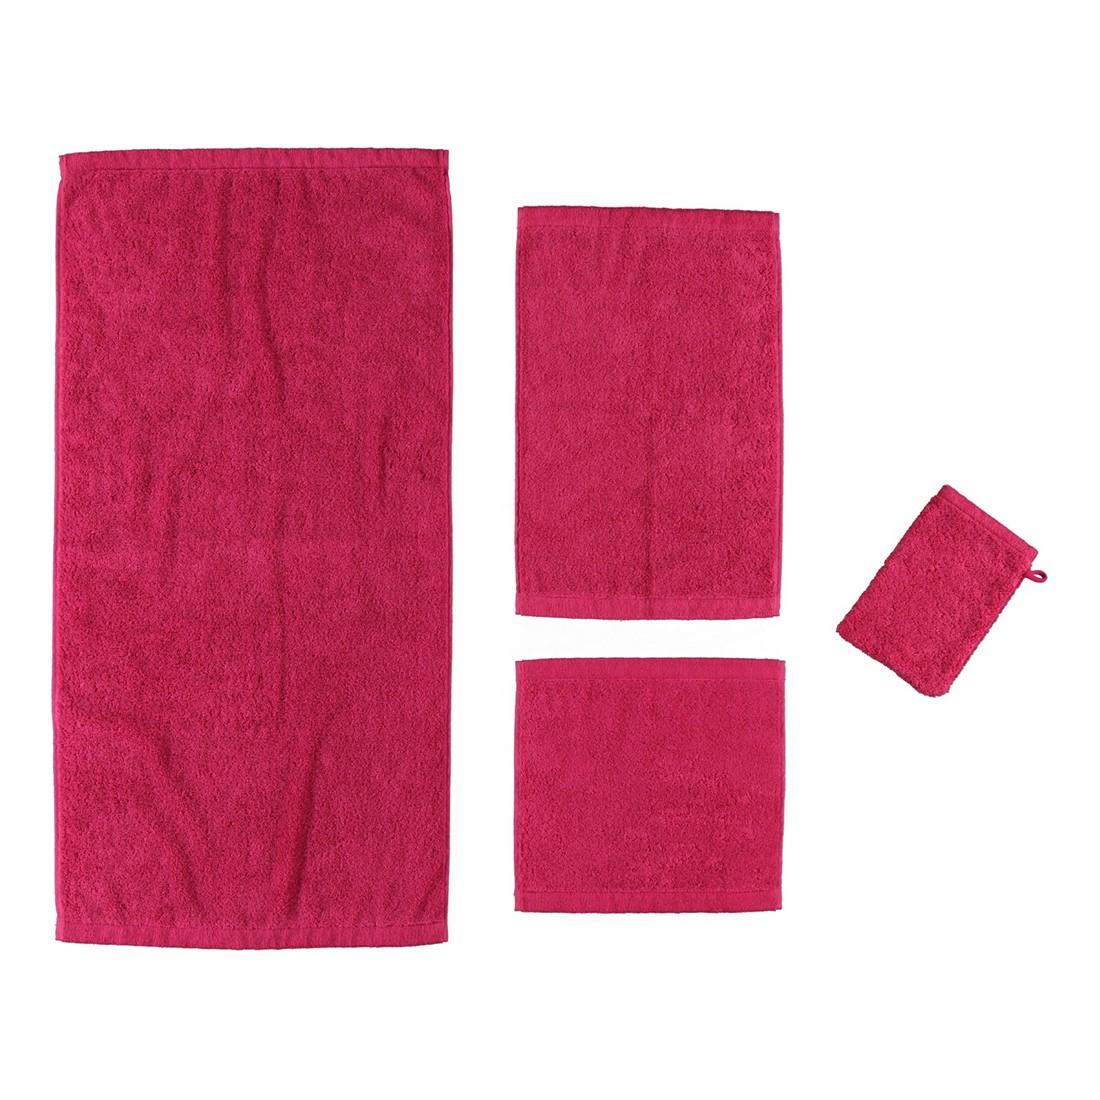 Handtuch Life Style Uni 7007 – 100% Baumwolle Pink – 247 – Duschtuch: 70 x 140 cm, Cawö günstig online kaufen